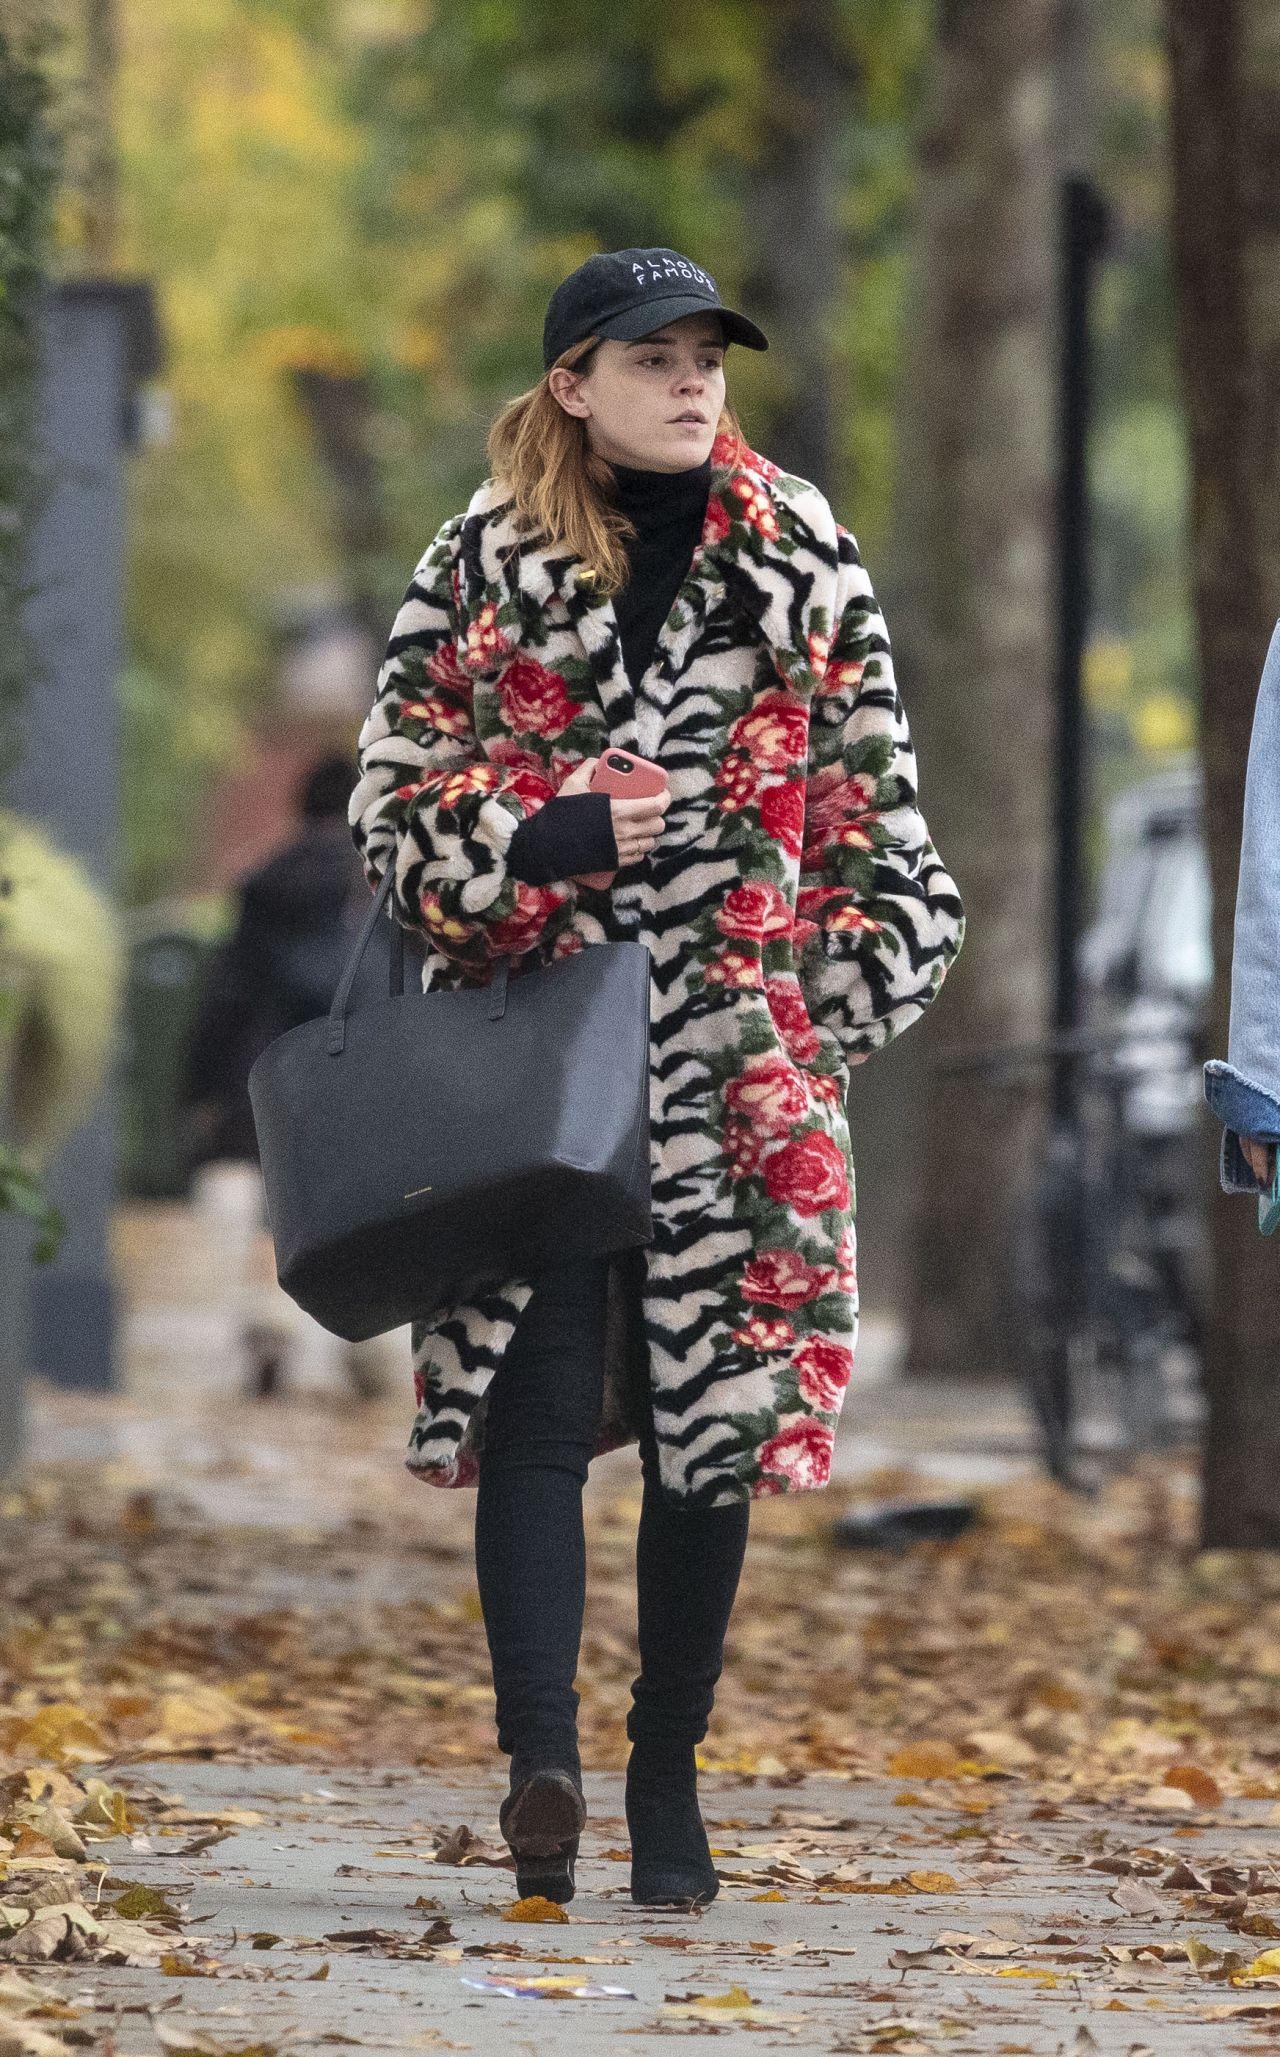 Emma Watson Autumn Style 11 03 2019 Celebmafia